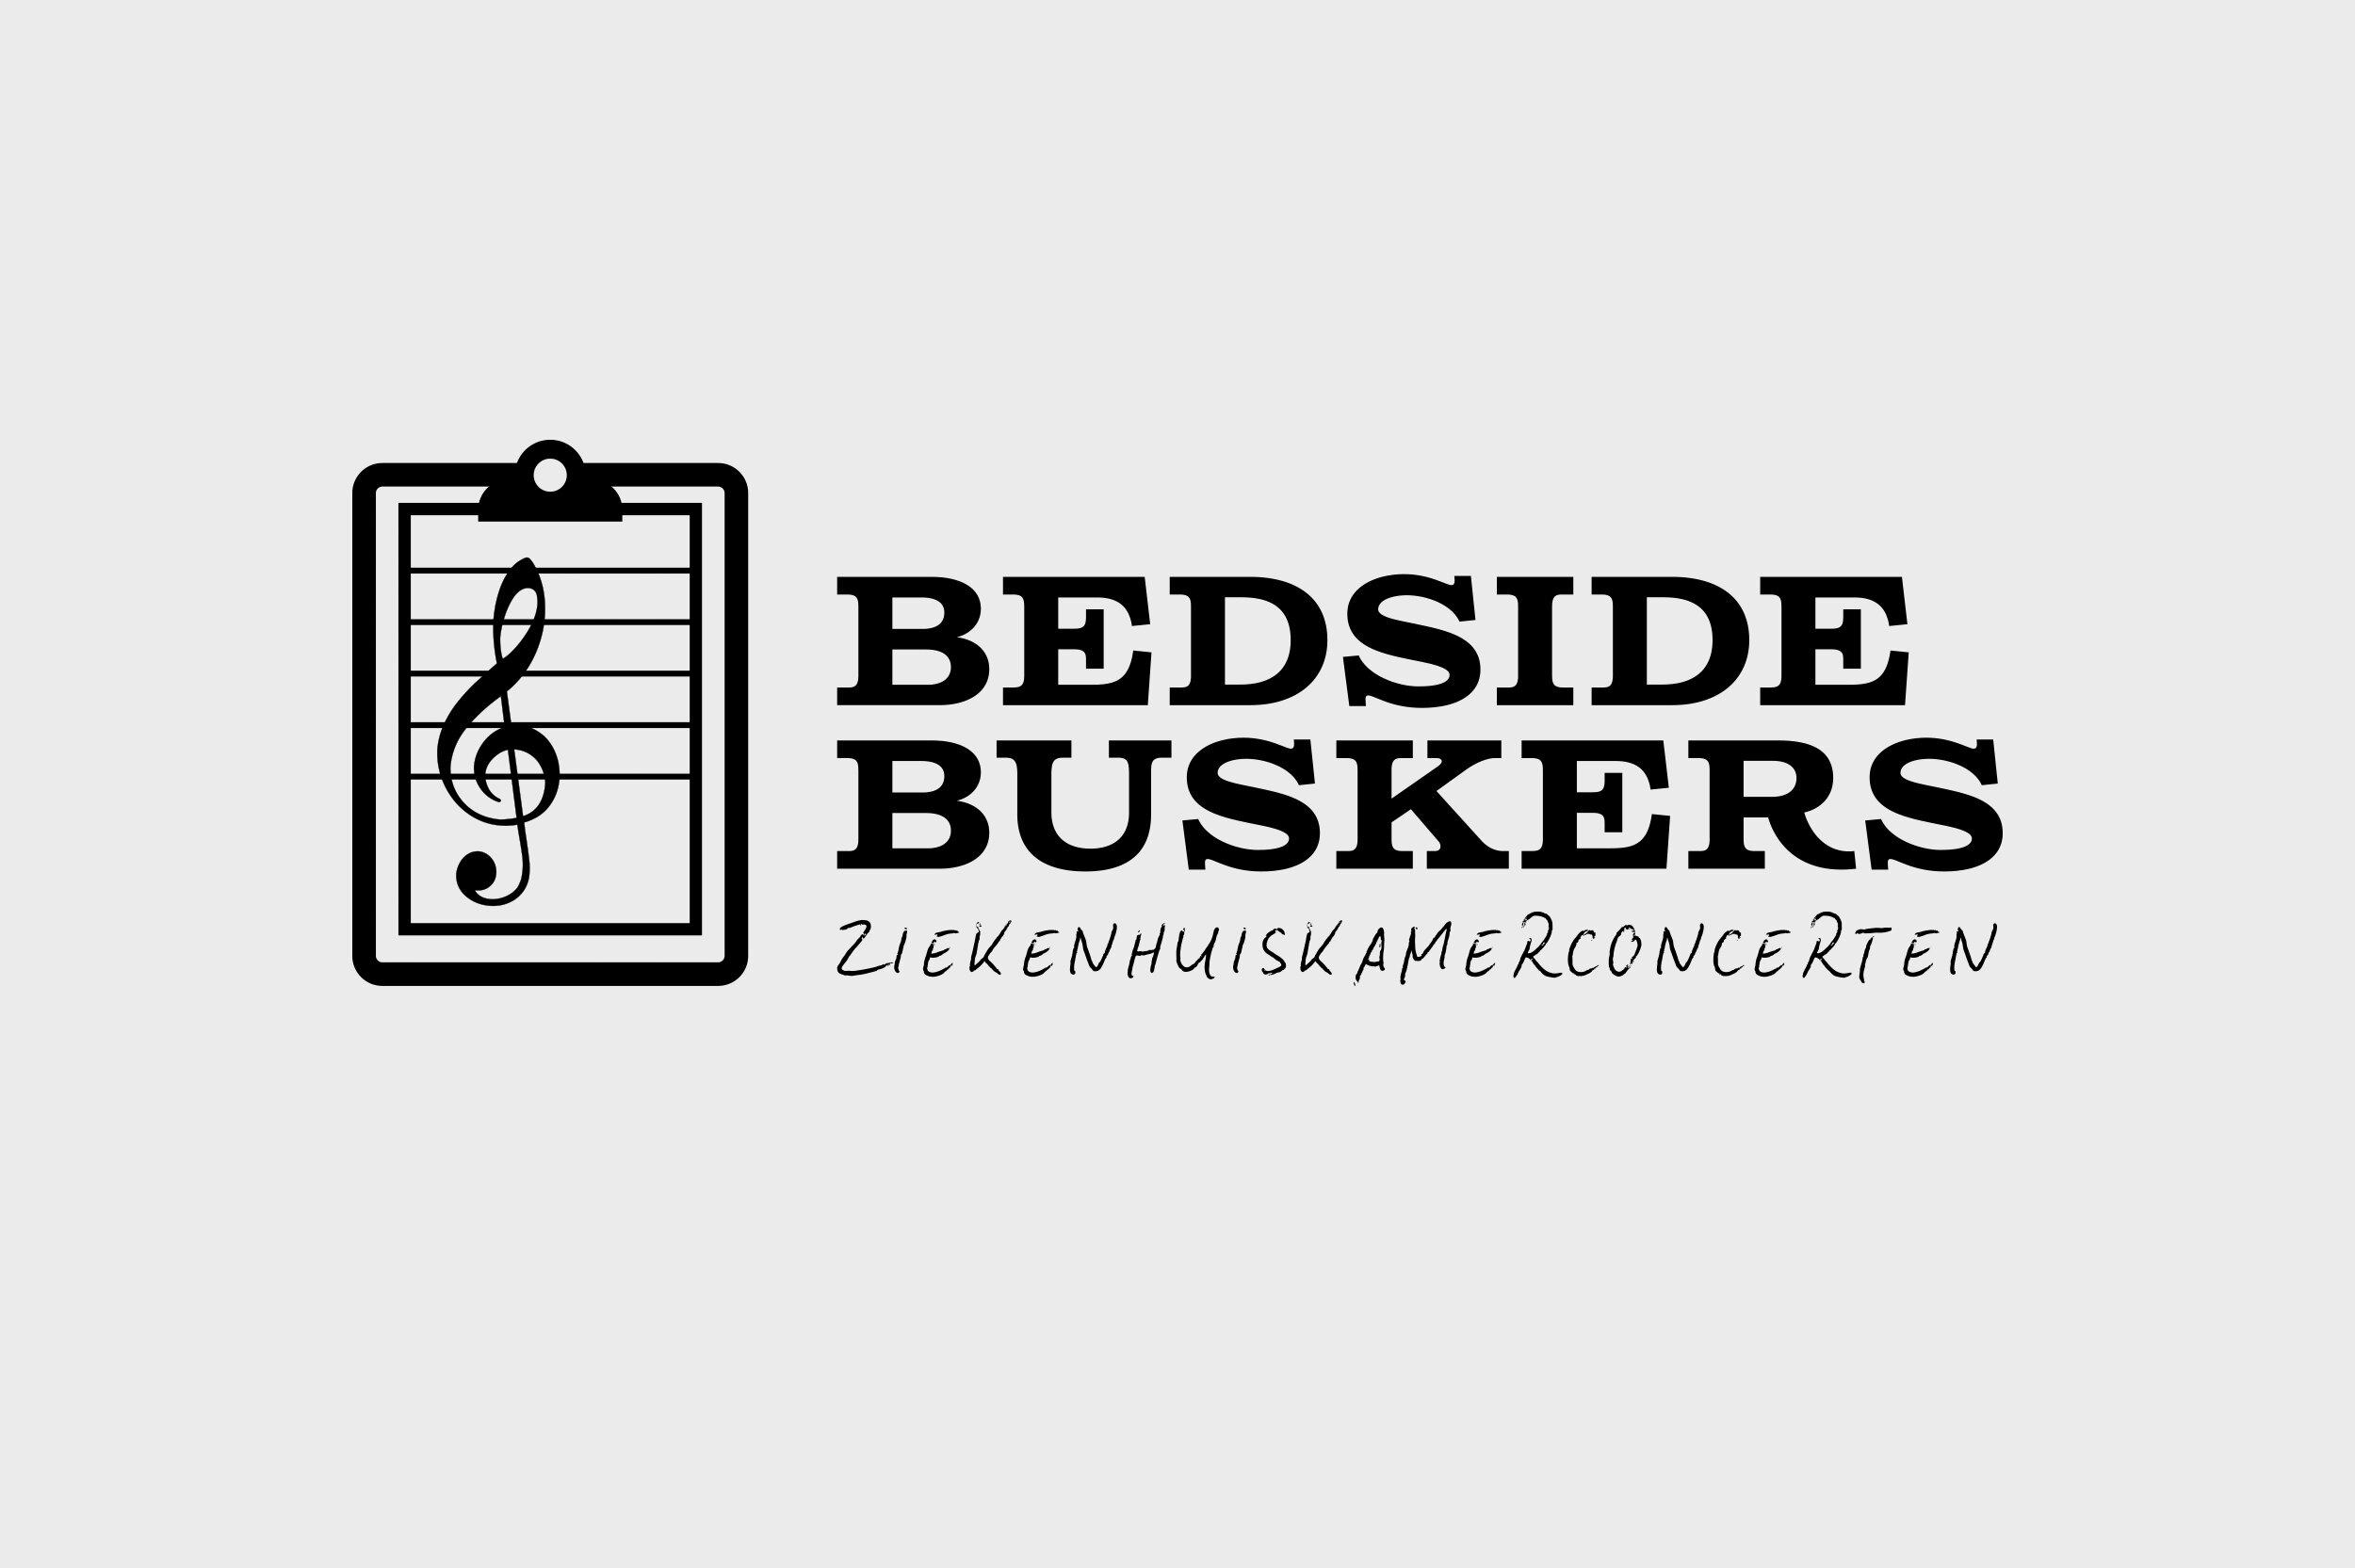 01_BedsideBuskers_Shortlife.jpg